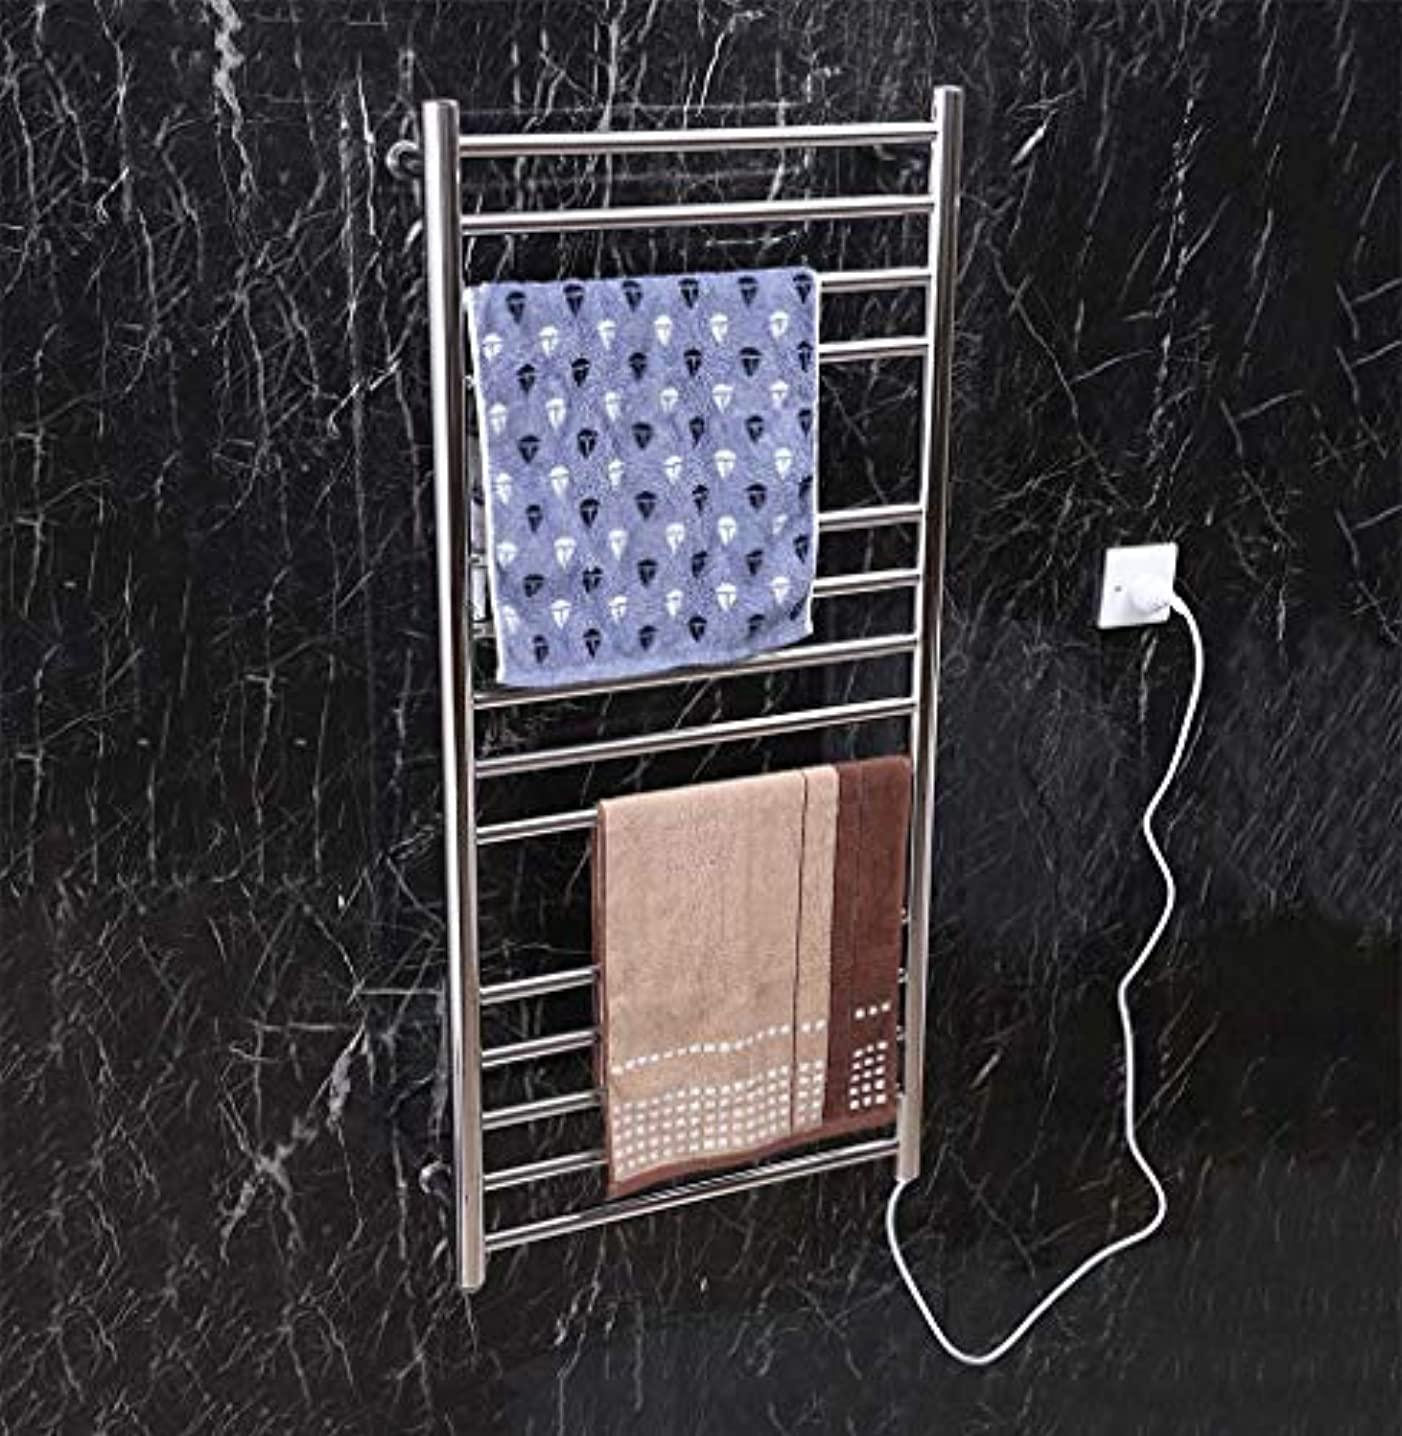 困惑した混沌パーセントスマート電気タオルウォーマー、304ステンレススチール壁掛け電気タオルラジエーター、家庭用ホテルのバスルームシェルフ、1100X520X120mm